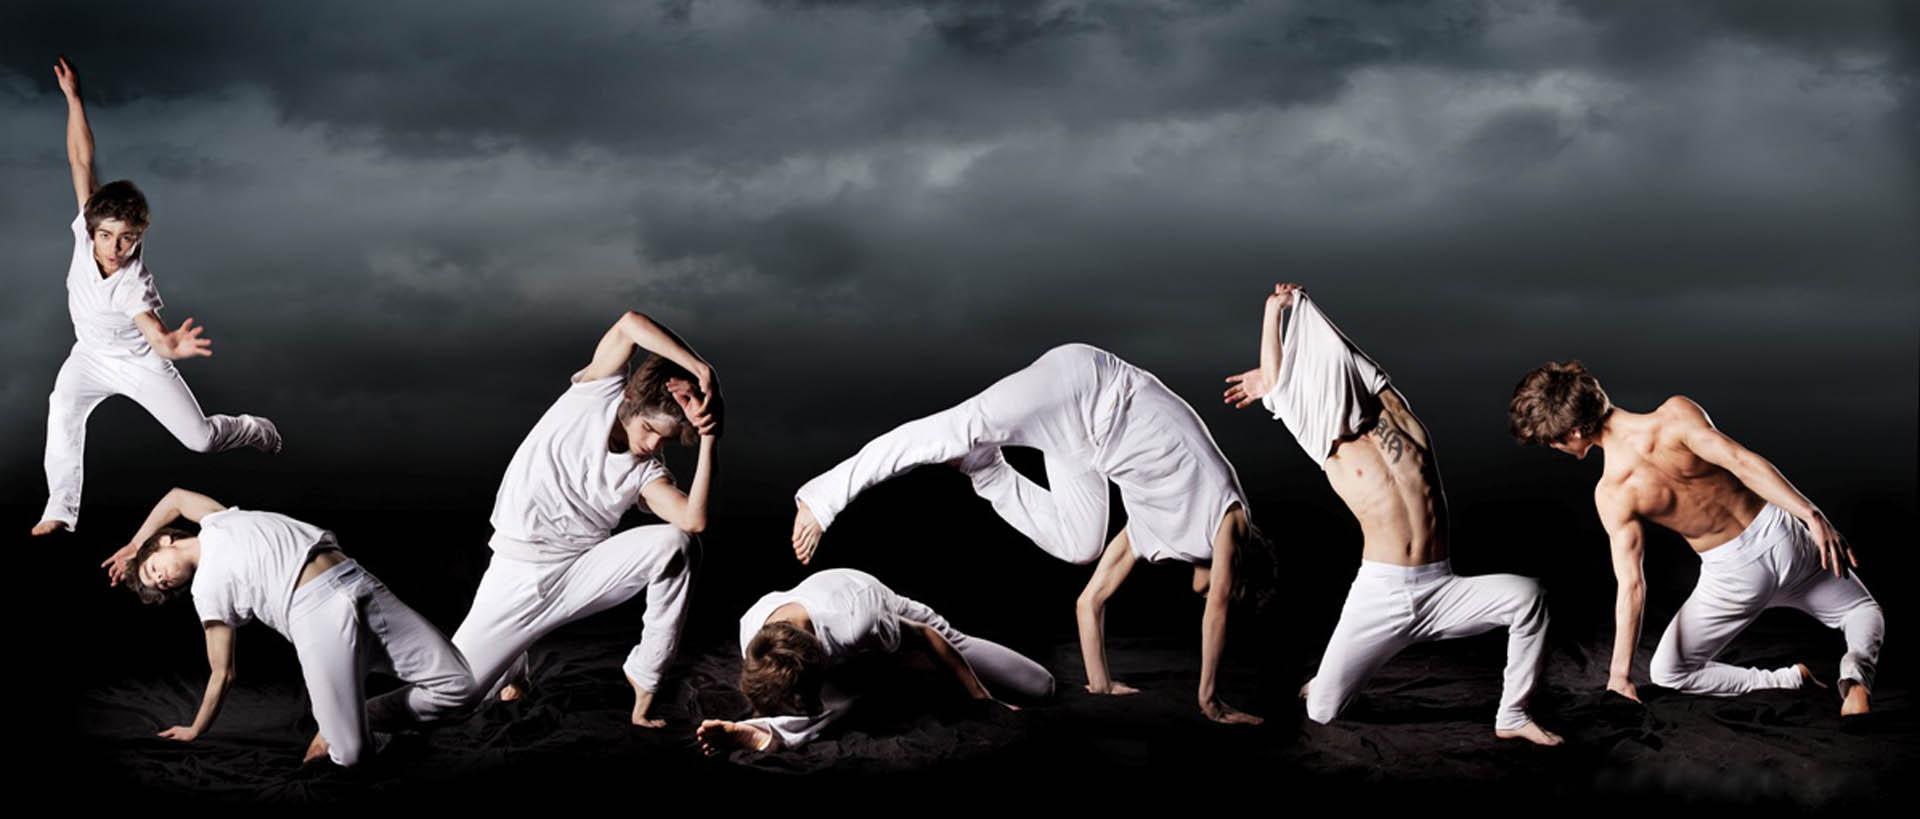 Tanzgruppe und Regie von Carlos Sampaio